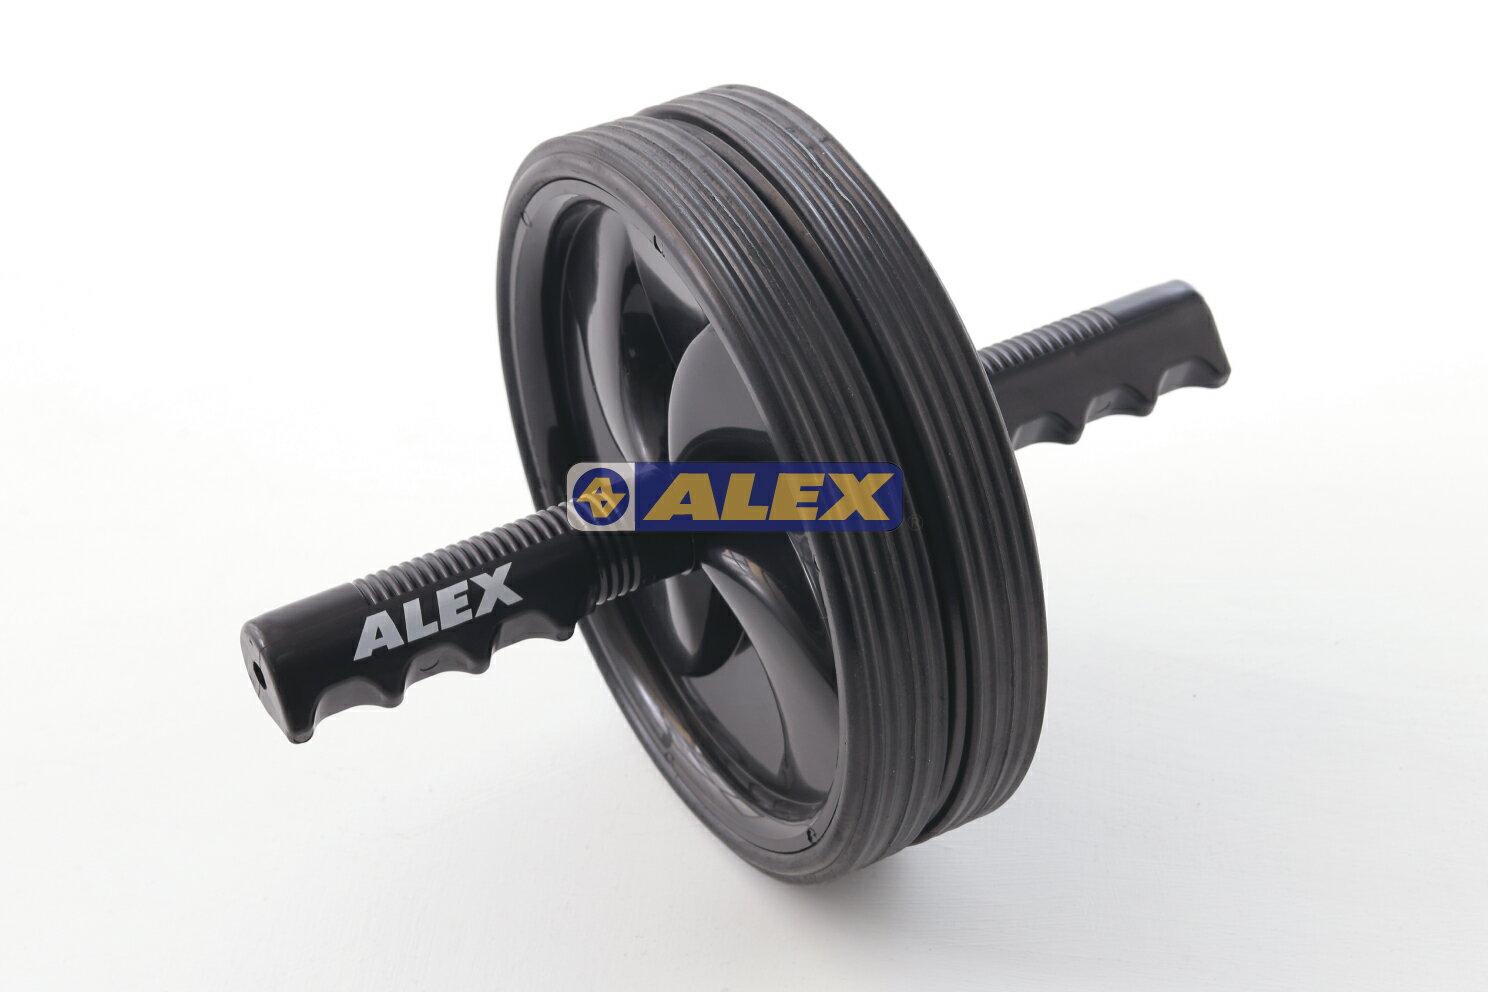 騎跑泳者-ALEX B-15 運動滾輪 材質 鐵材、外包橡膠、P.P 規格 握把長:25CM 輪直徑:18CM